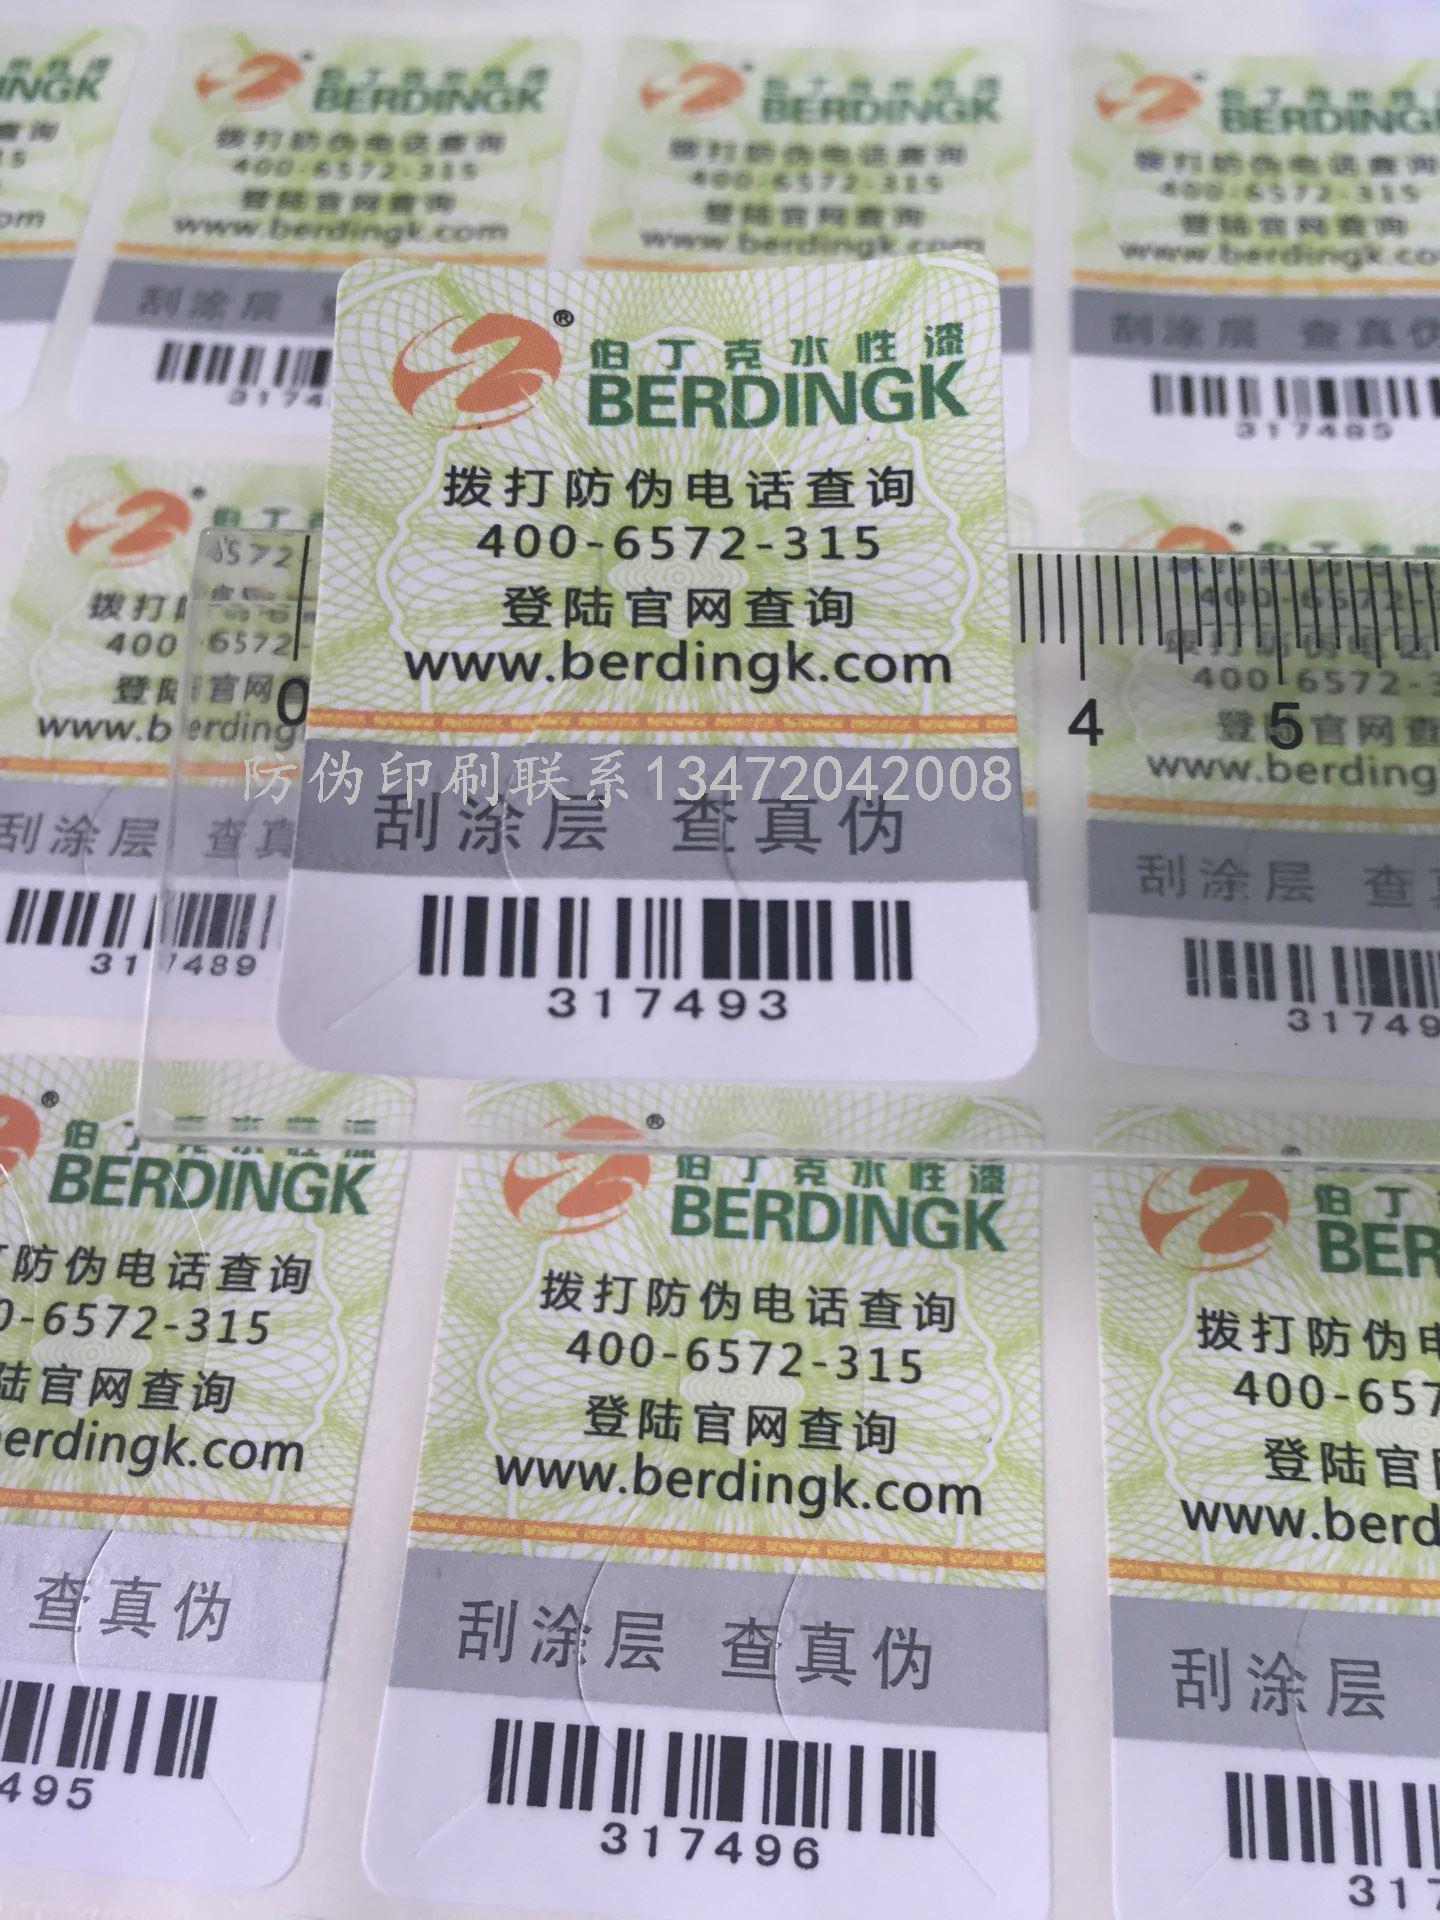 北京防伪标签厂家,二维码防伪溯源系统教你辨别五常大米真假,